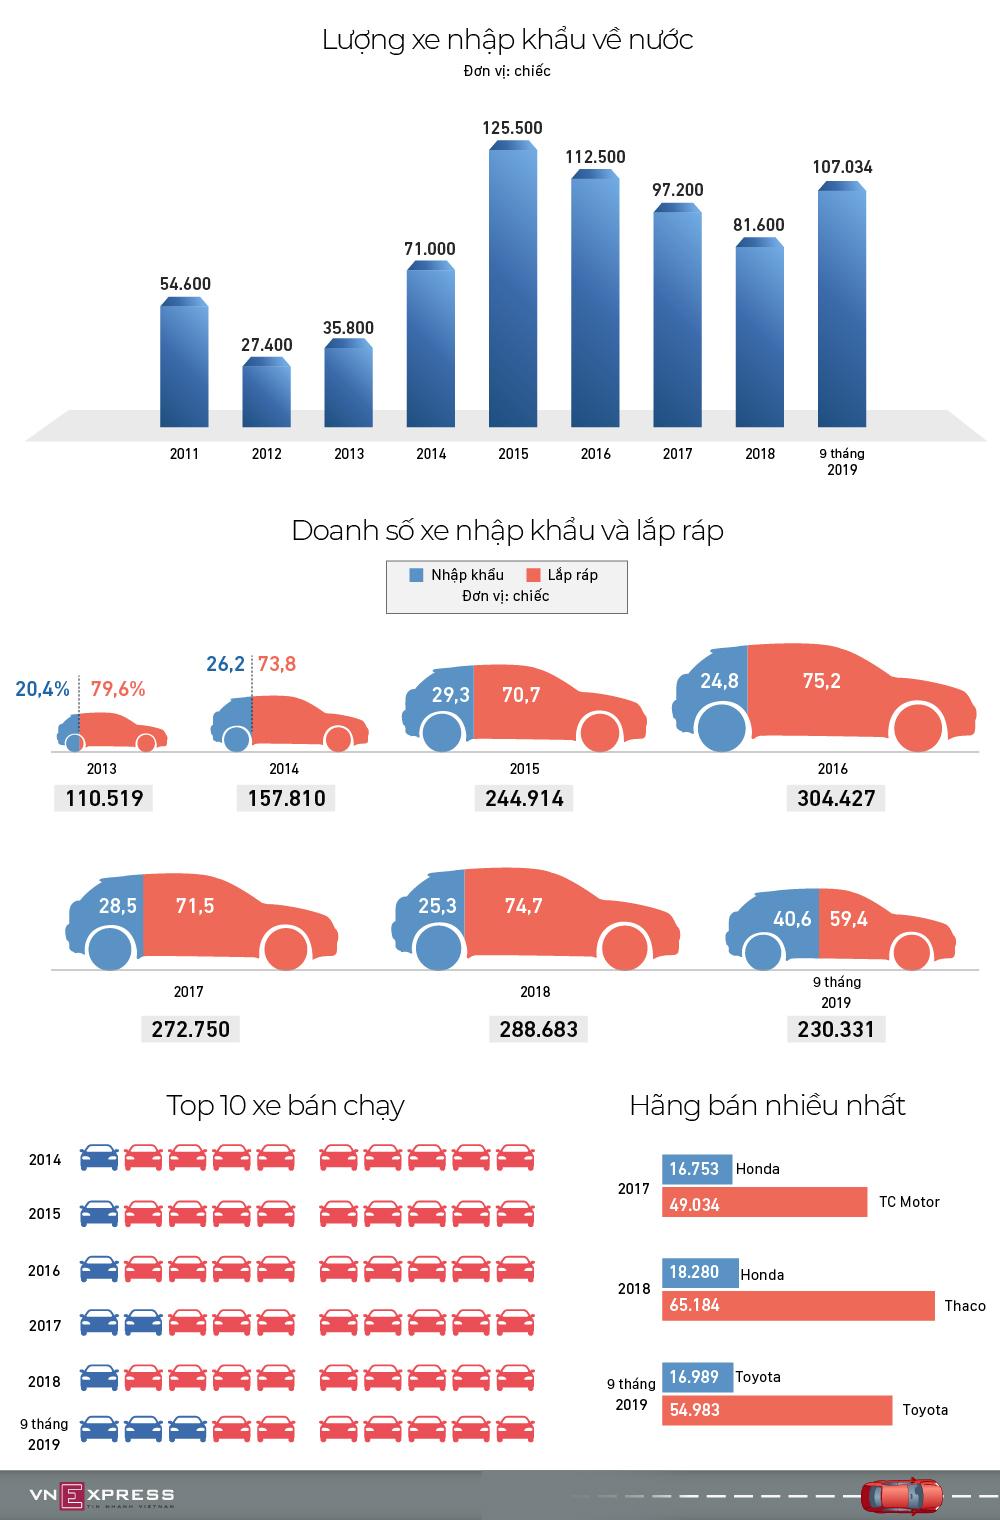 Xe nhập khẩu và lắp ráp - cuộc chiến chưa hồi kết tại Việt Nam